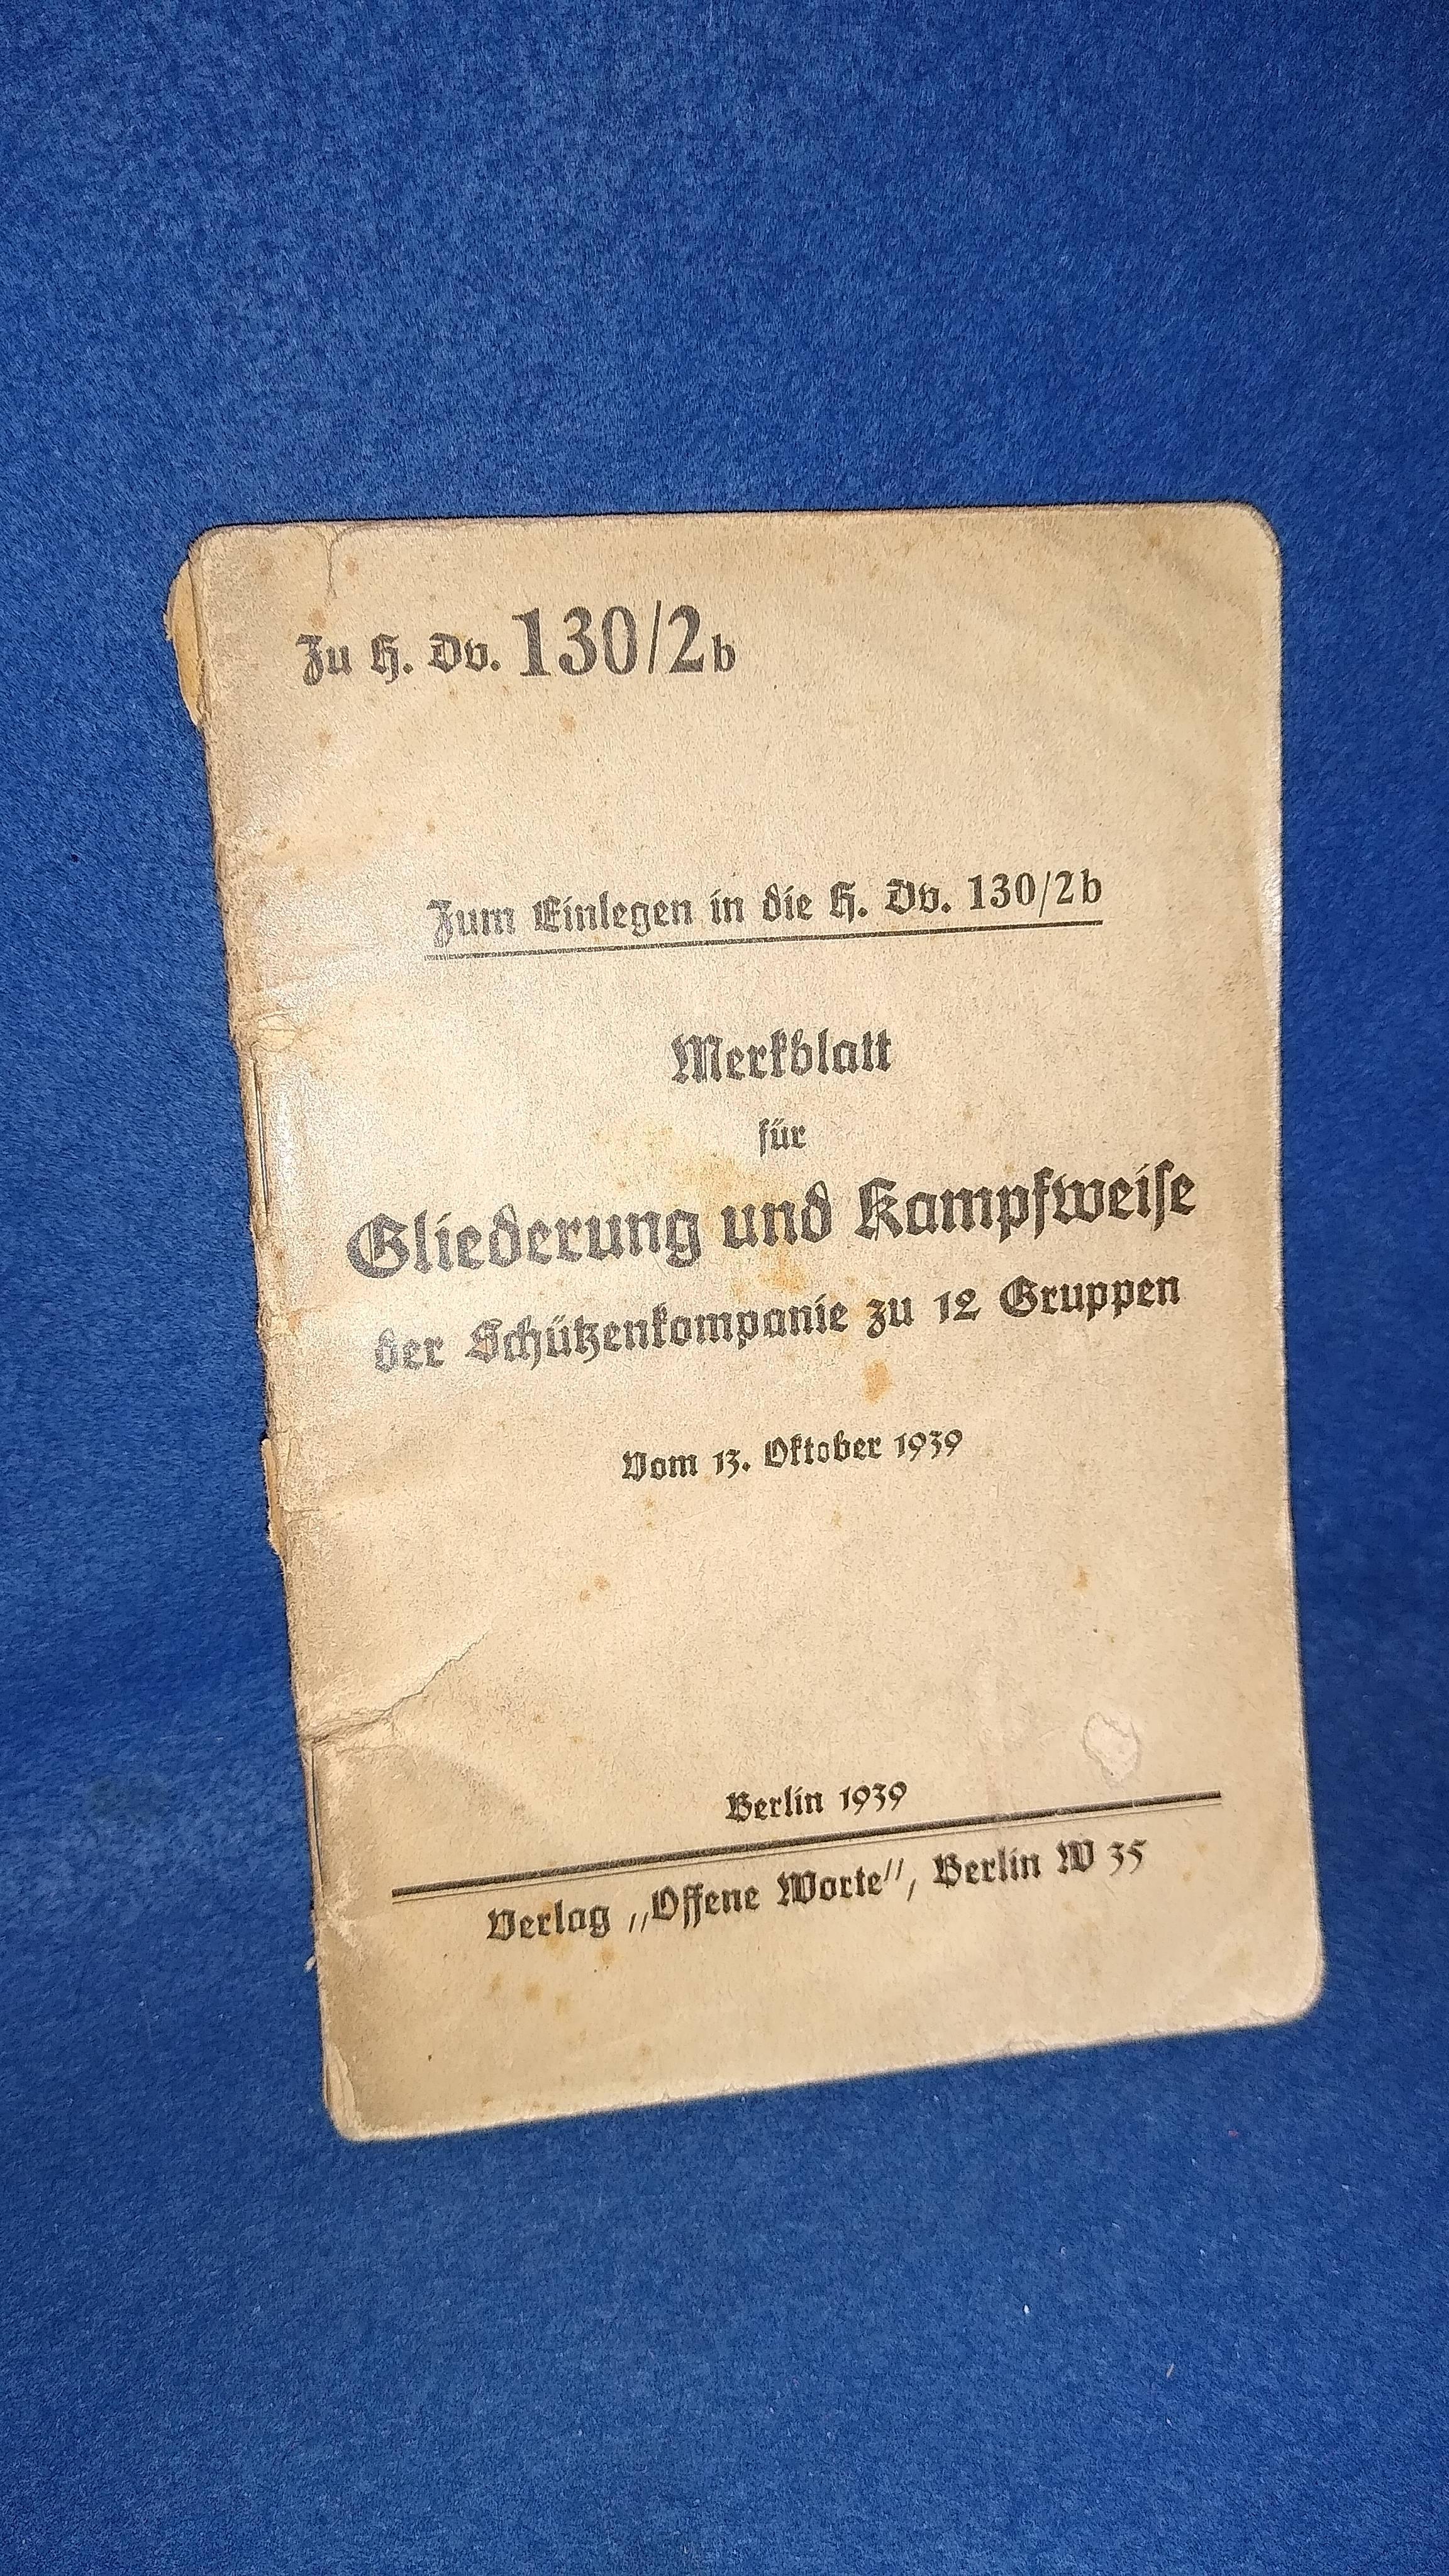 Zu H.Dv. 130/2b. Zum Einlegen in die H.Dv. 130/2b. Merkblatt für Gliederung und Kampfweise der Schützenkompanie zu 12 Gruppen.